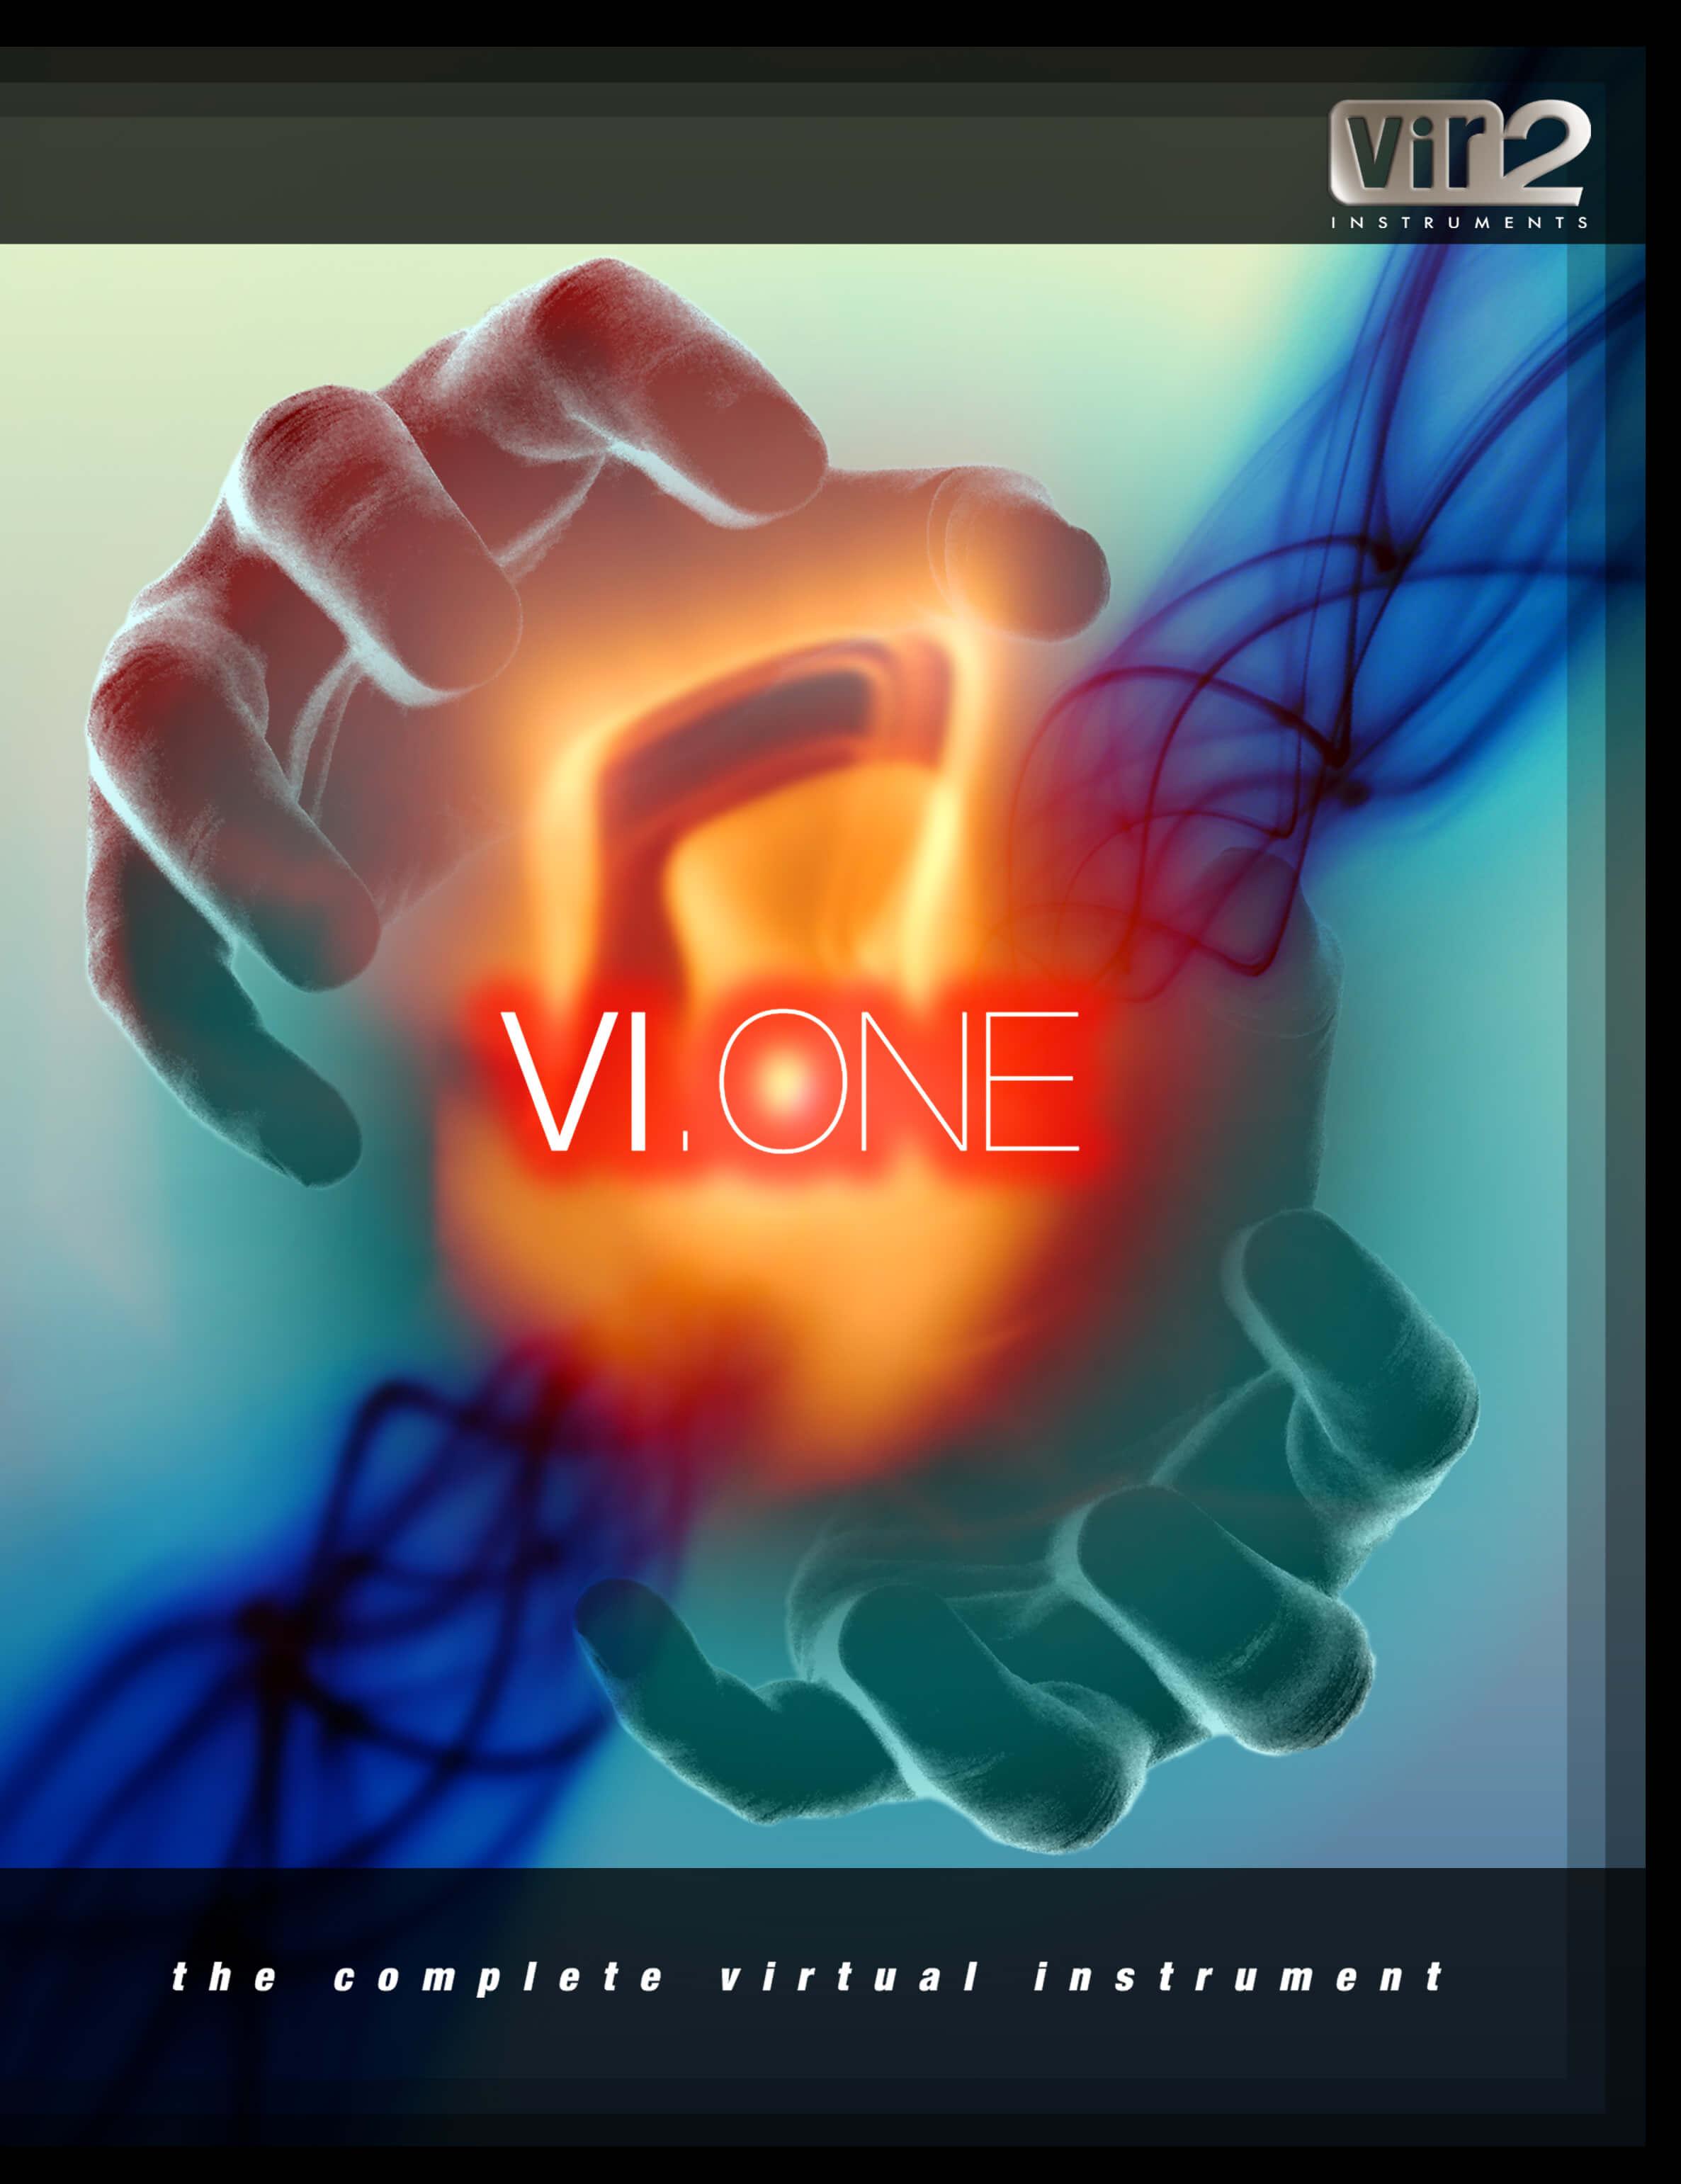 VI.One